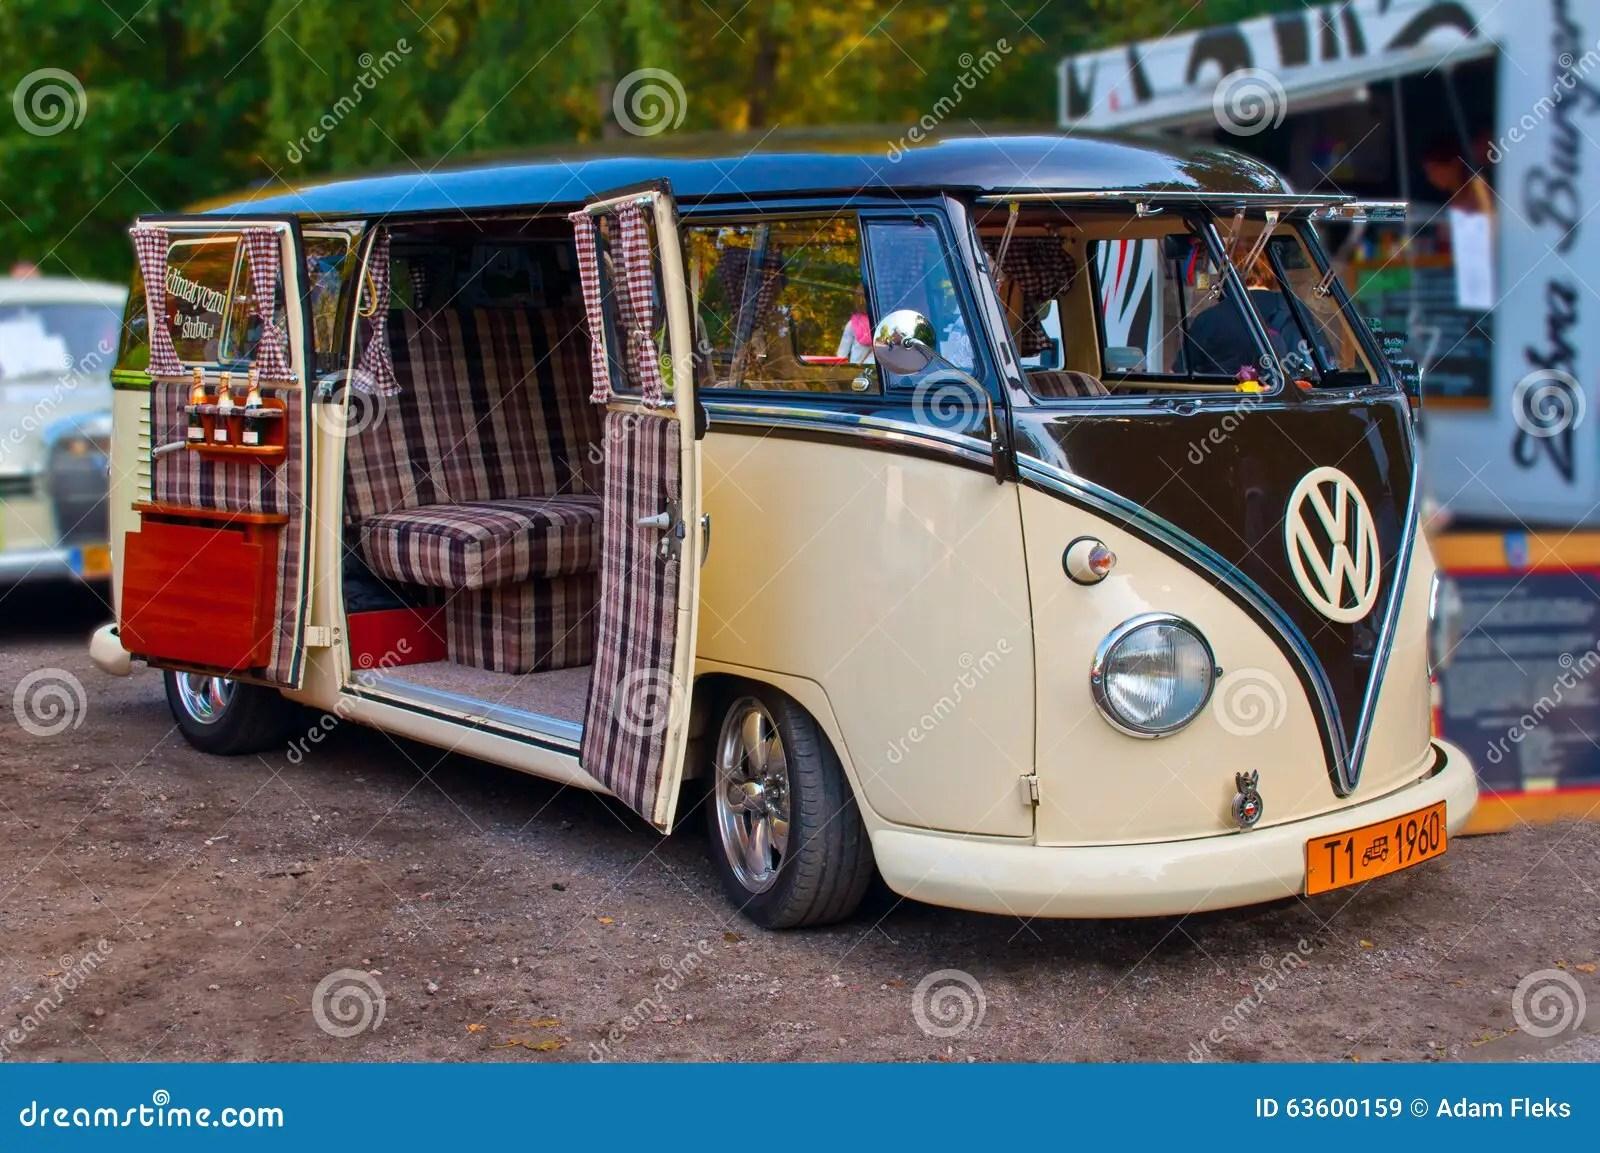 old classic volkswagen t1